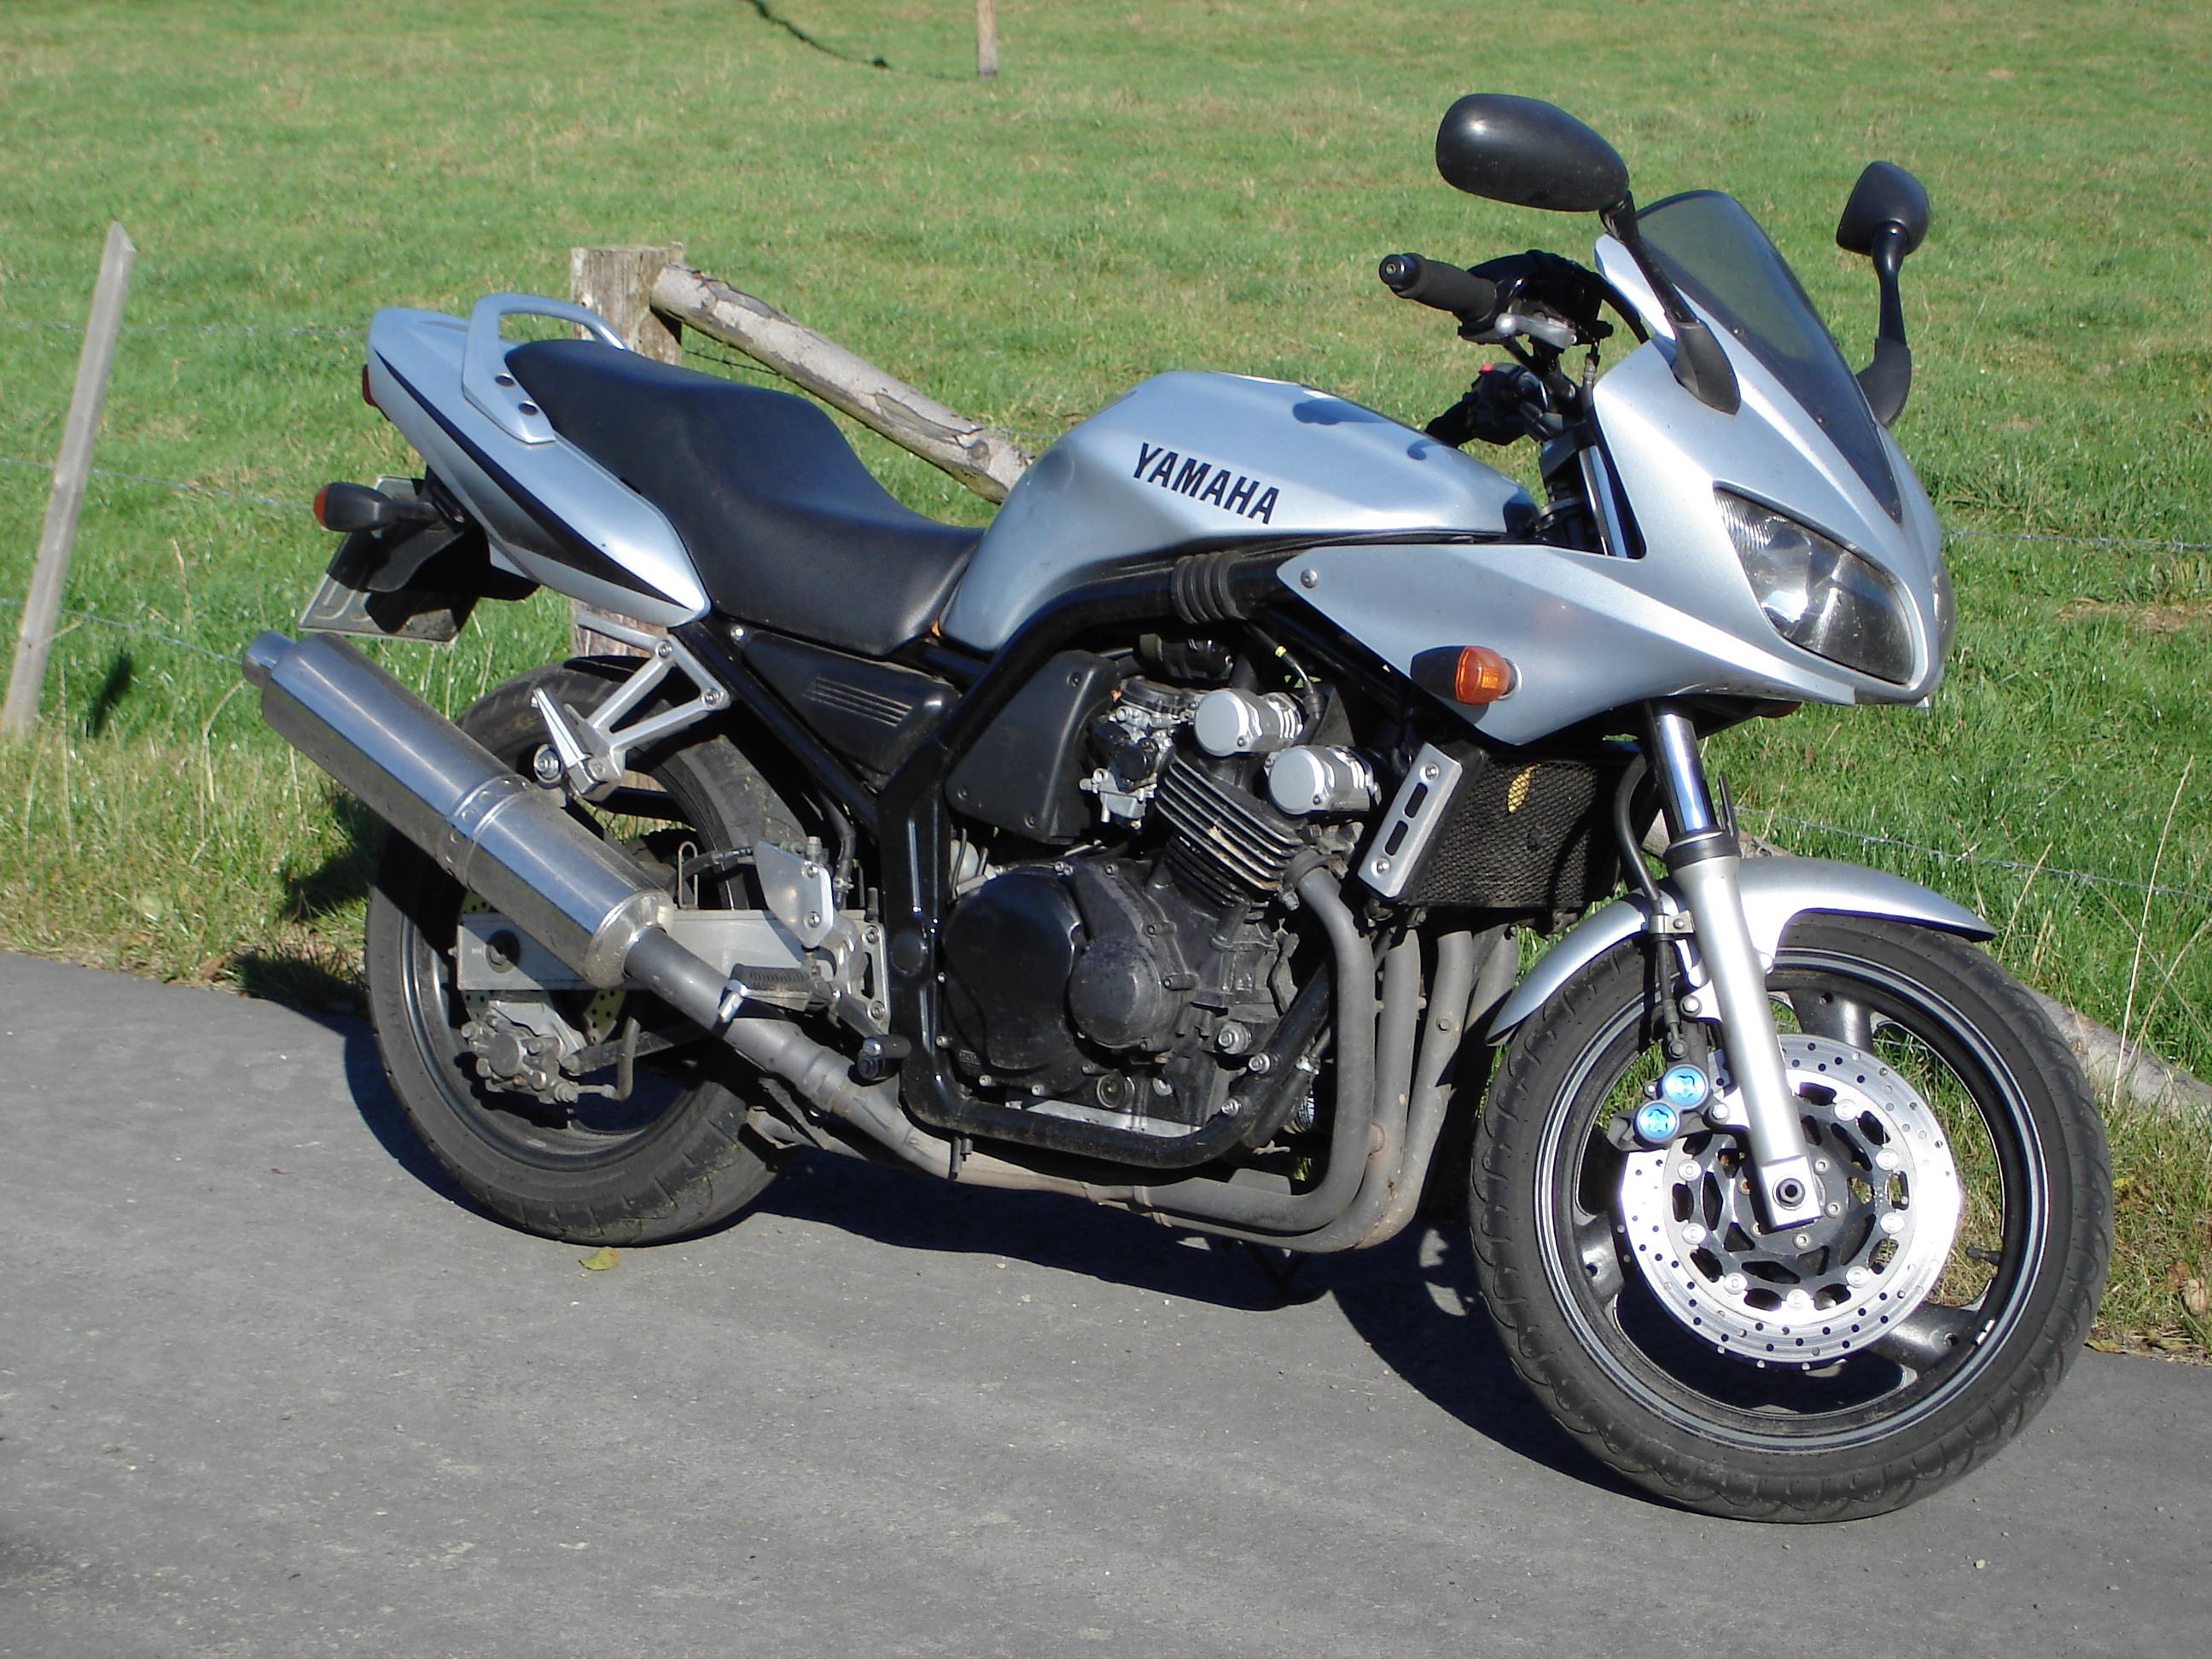 Я скидую демотиваторы про мото потому что мне немного нравятся мотоциклы .  Смотрите сами их здесь будет много может...